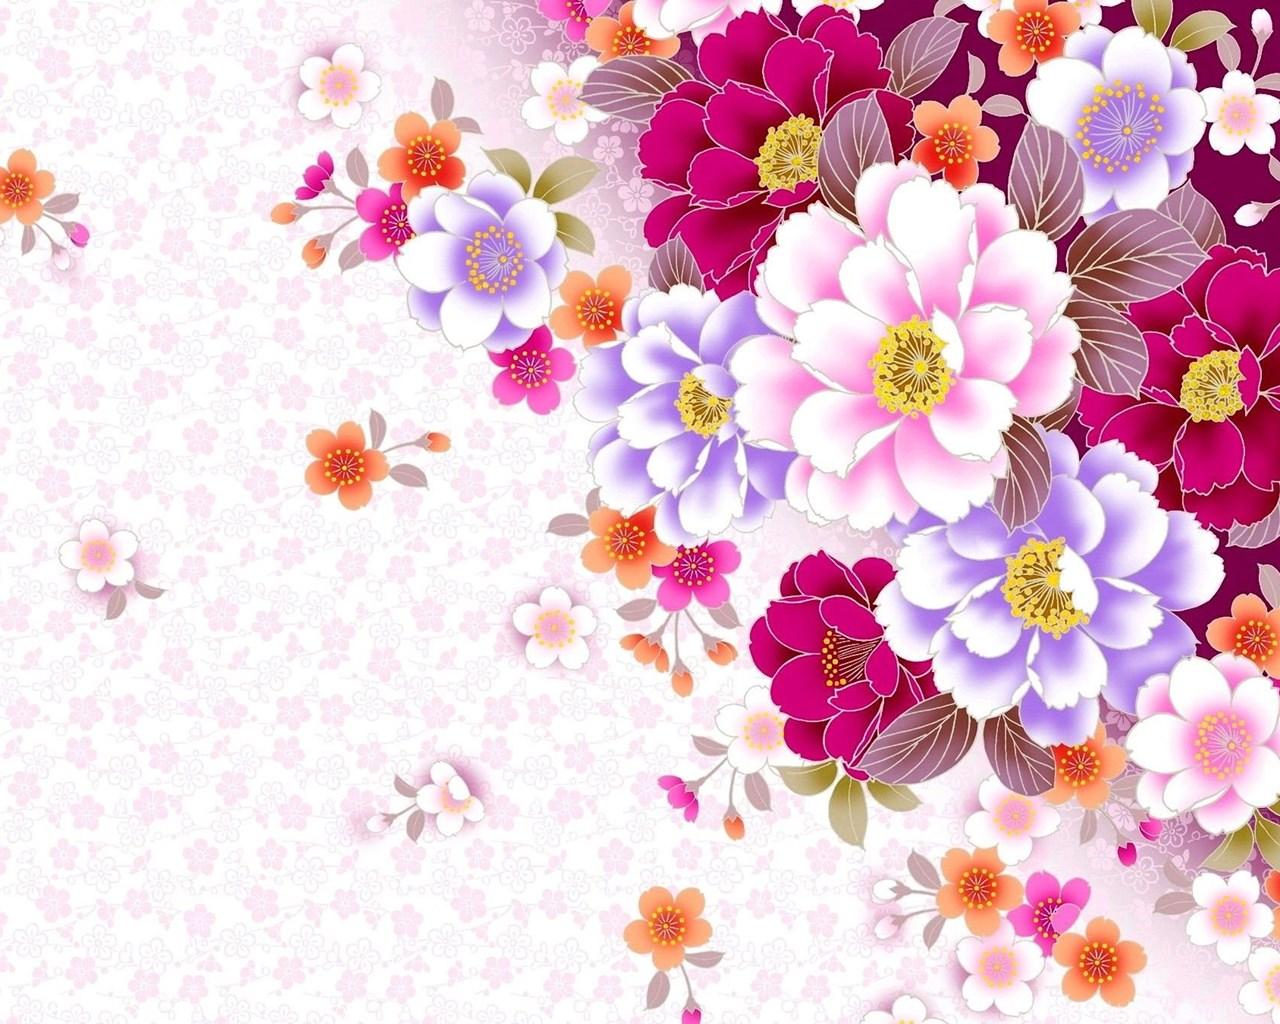 Floral Desktop Backgrounds Wallpapers Cave Desktop Background